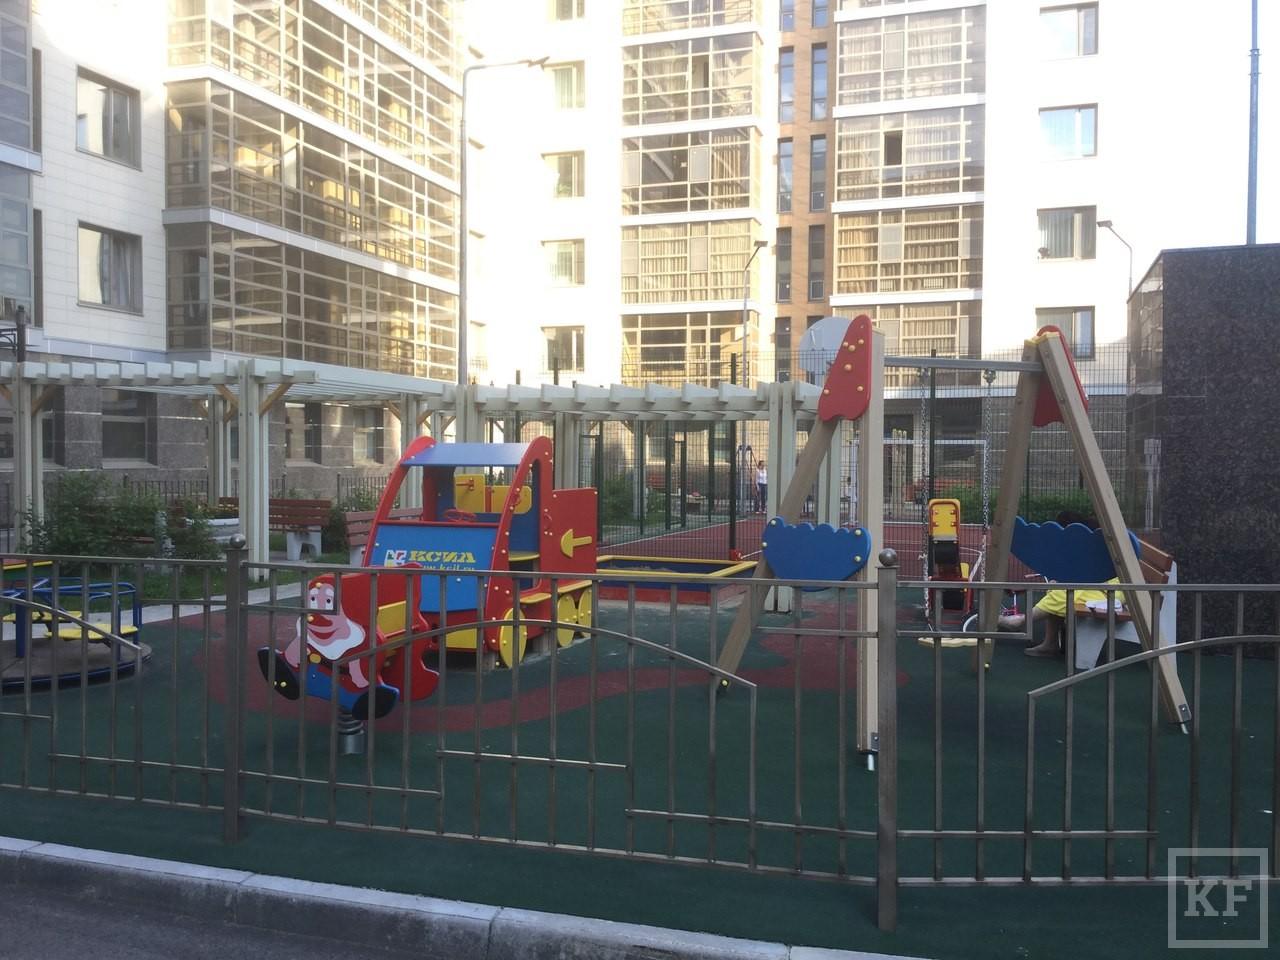 Жители элитного жилья в центре Казани жалуются депутату Айрату Хайруллину. Его компания виновата в строительстве с нарушениями, считают они